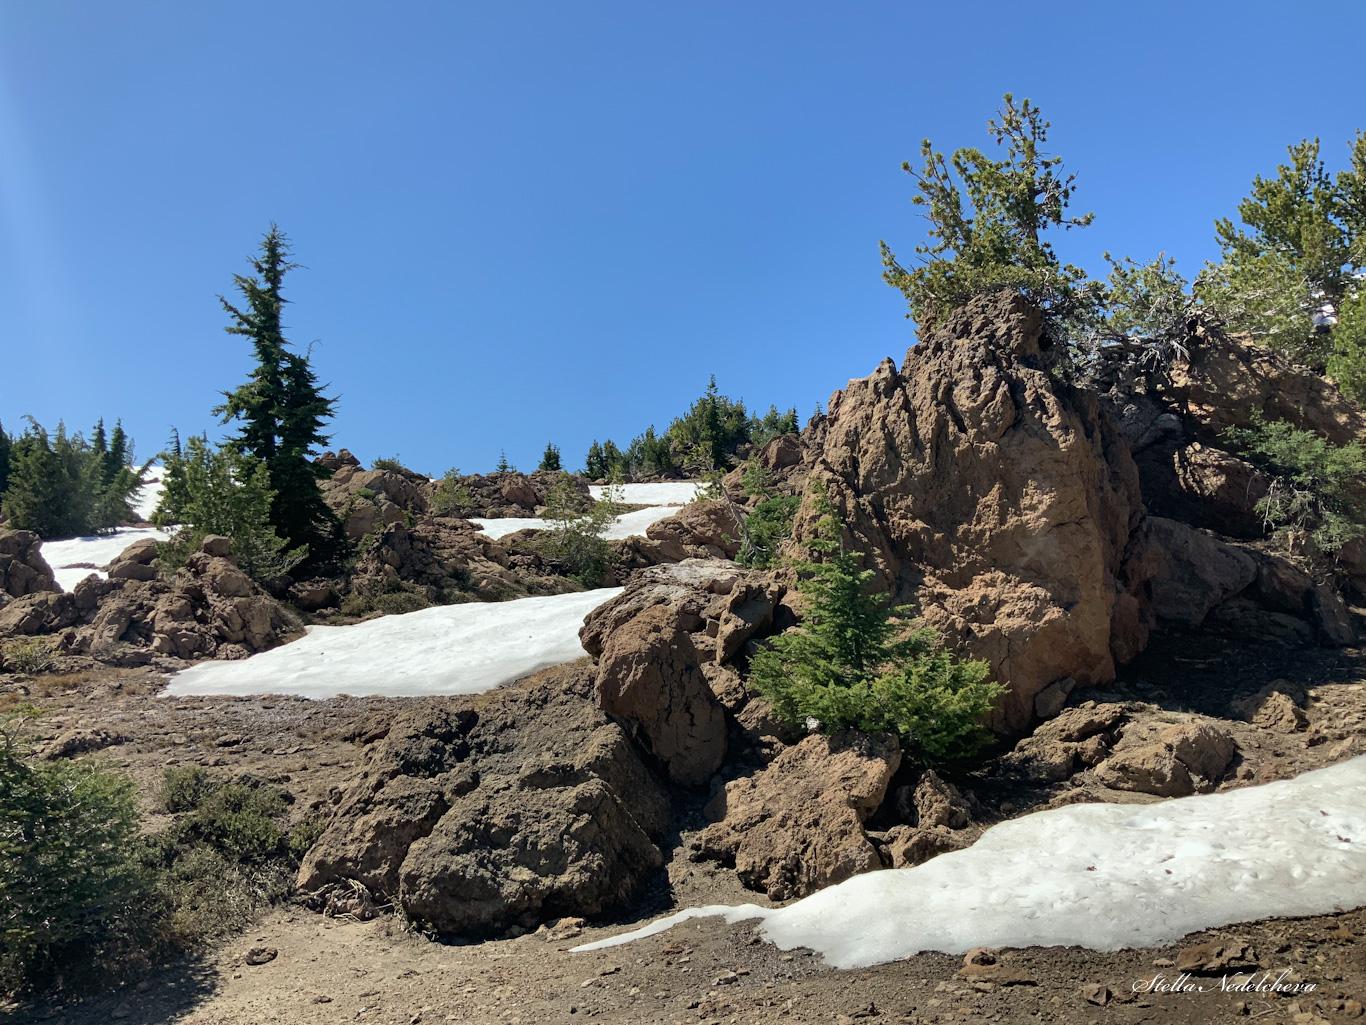 Paysage de haute montagne: roches, conifères, neige, ciel bleu